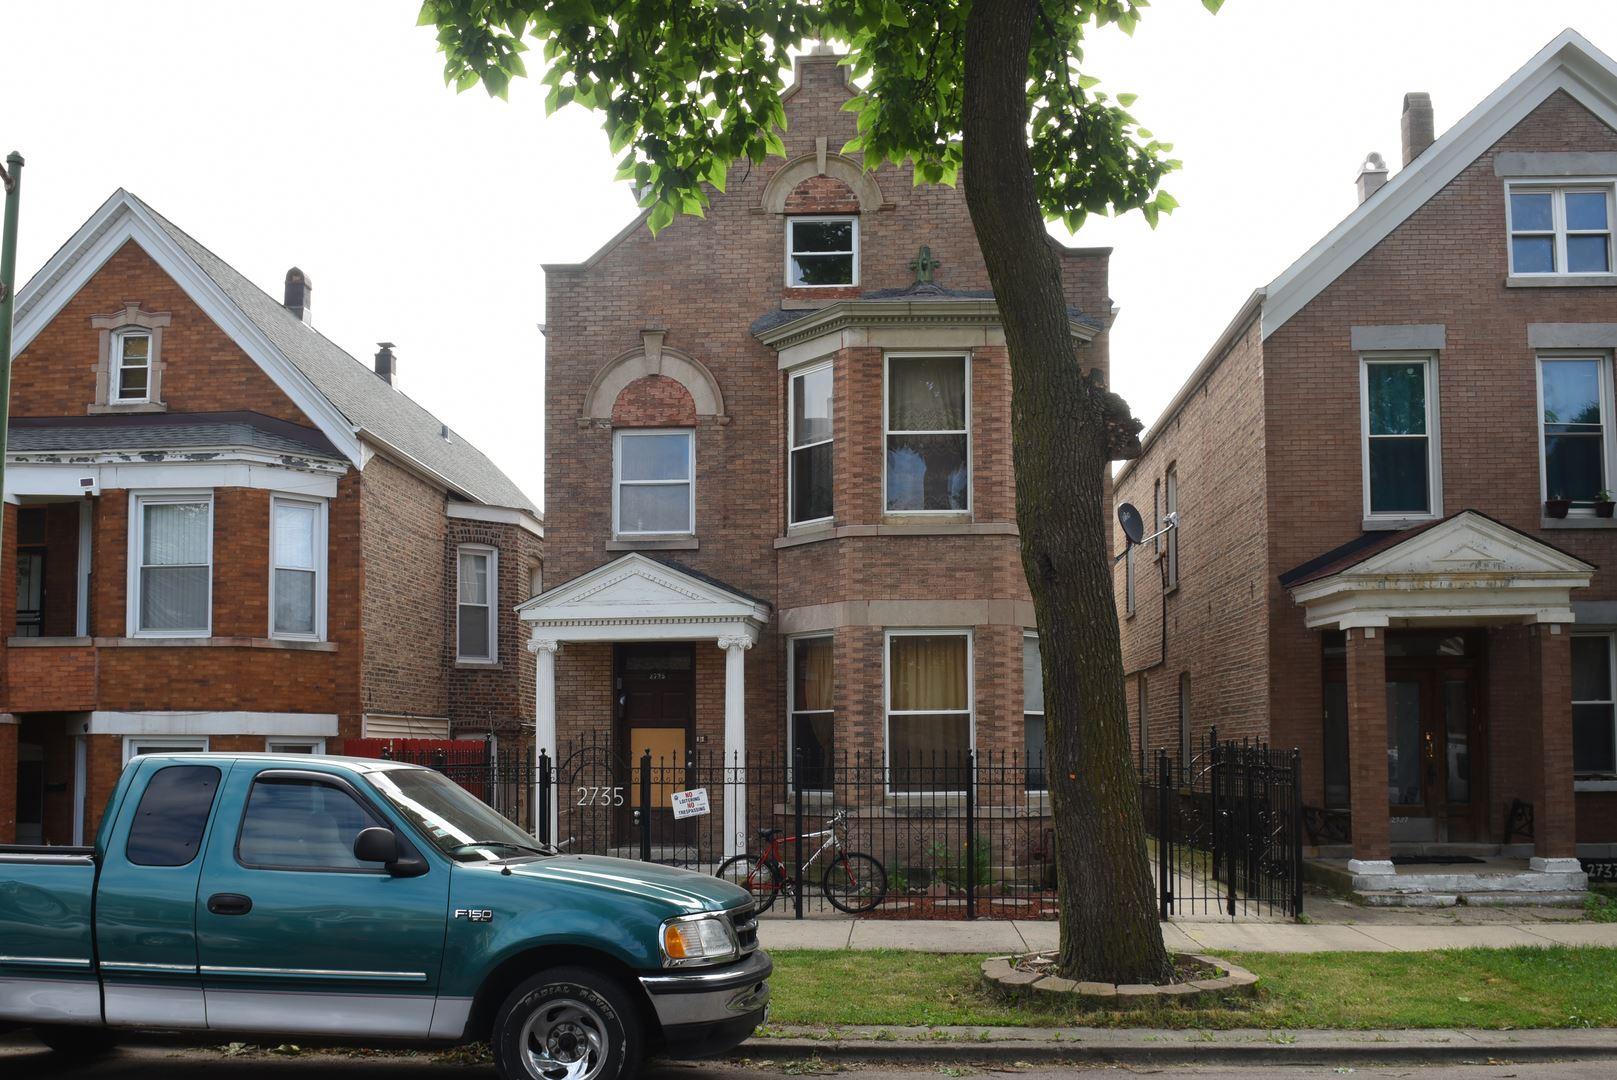 2735 S Springfield Avenue, Chicago, IL 60623 - #: 10767676